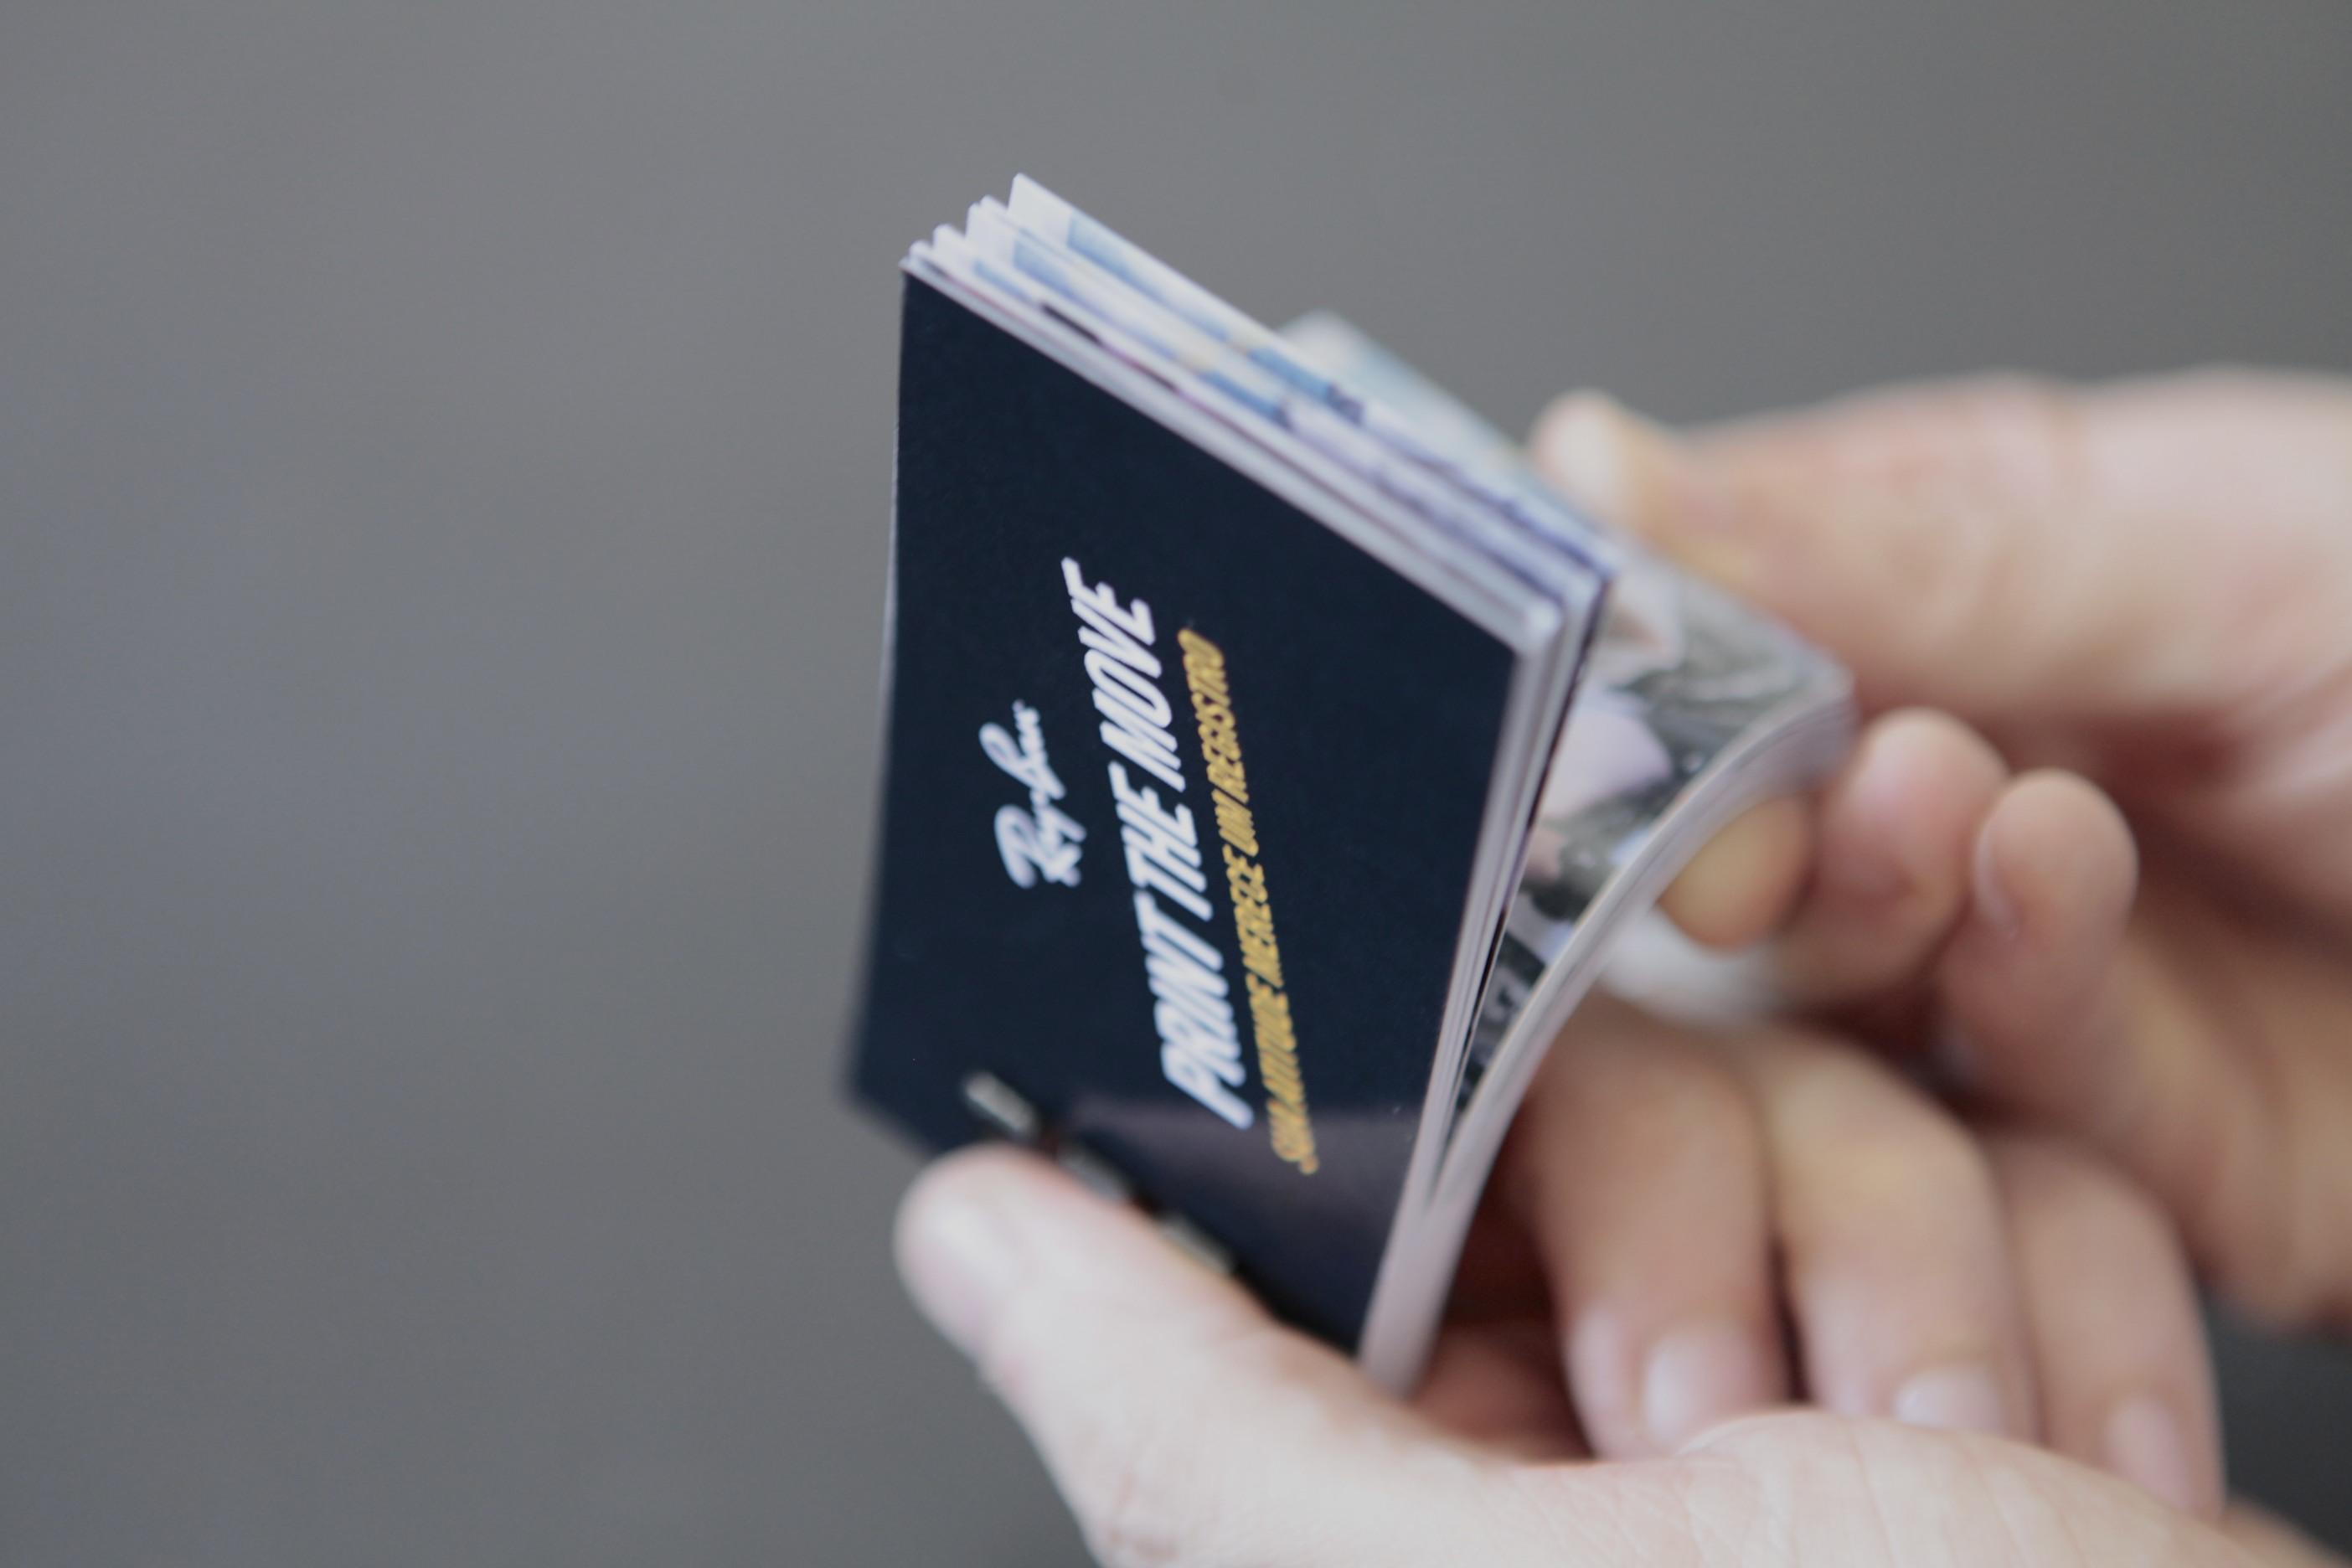 Flipbook impresso